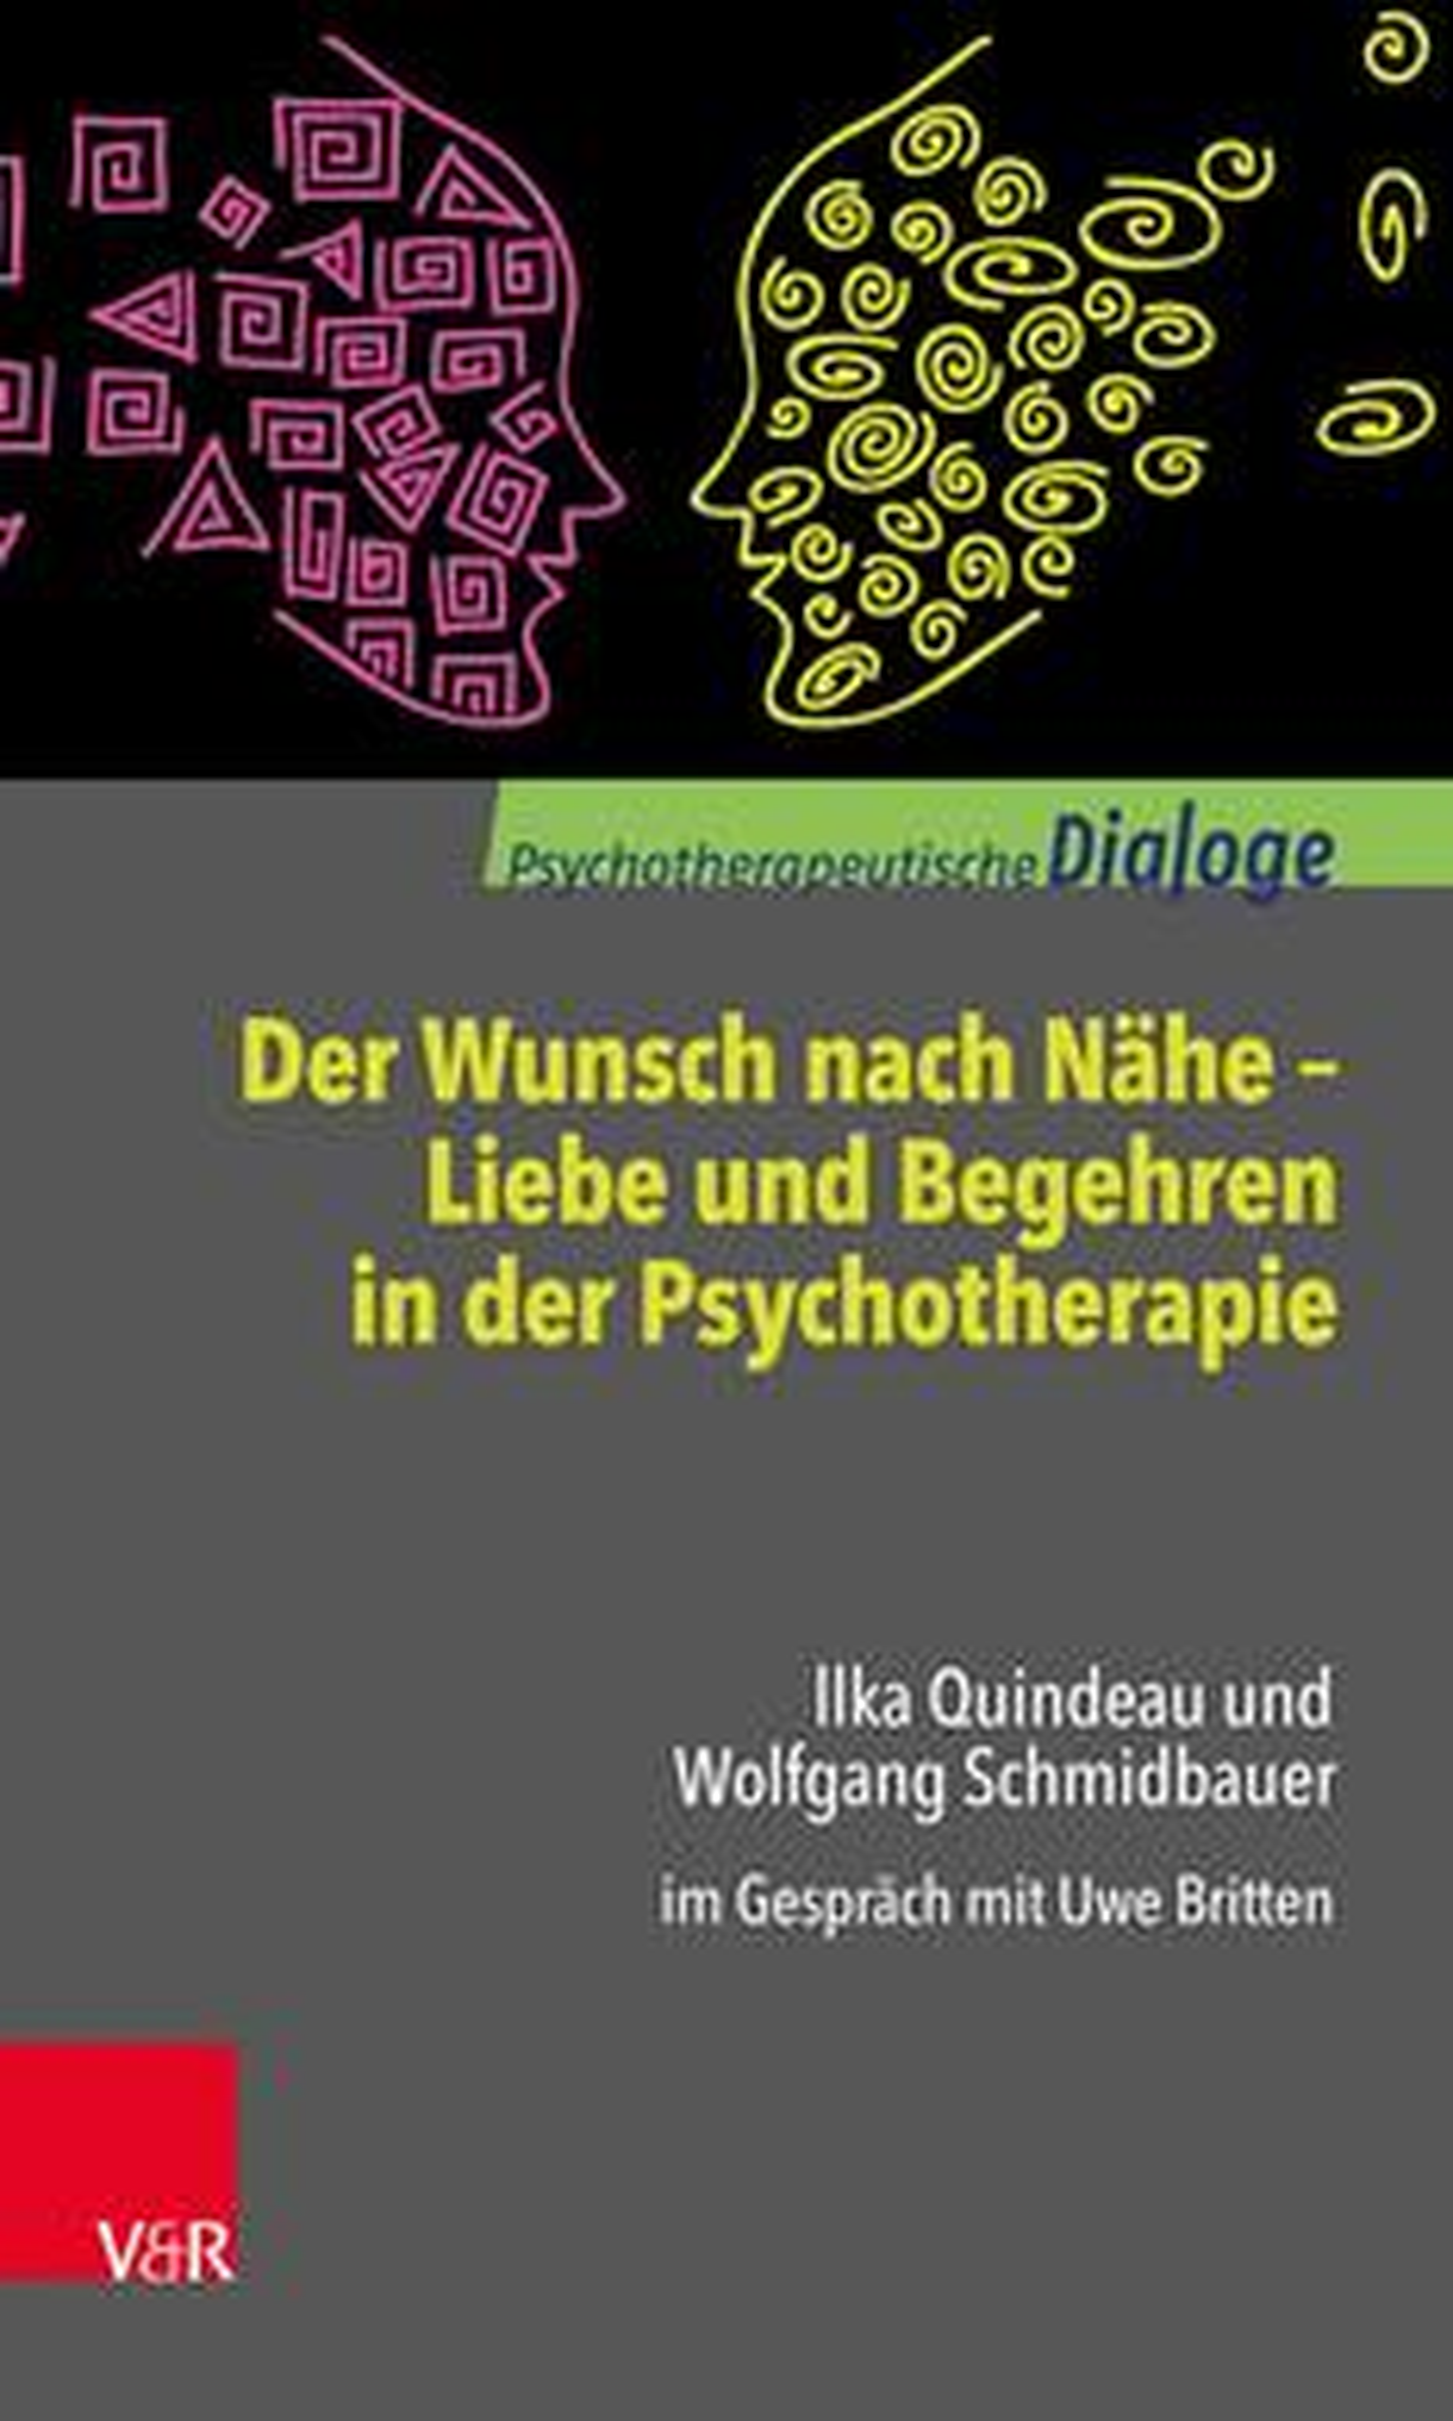 Der Wunsch nach Nähe – Liebe und Begehren in der Psychotherapie